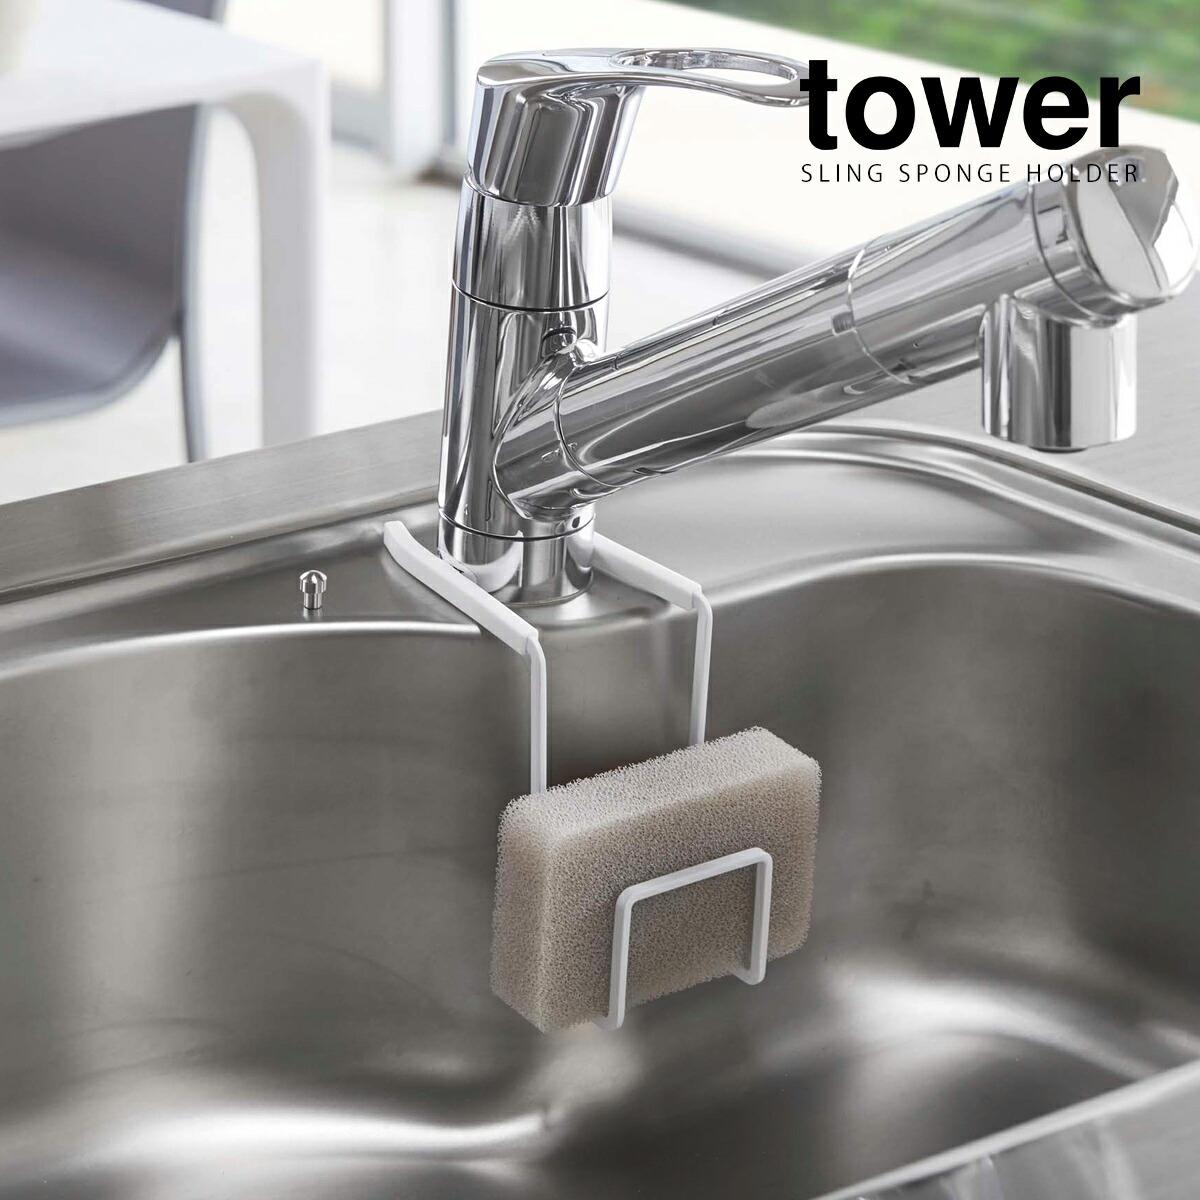 tower / タワー 蛇口にかけるスポンジホルダー スポンジラック キッチン収納 省スペース